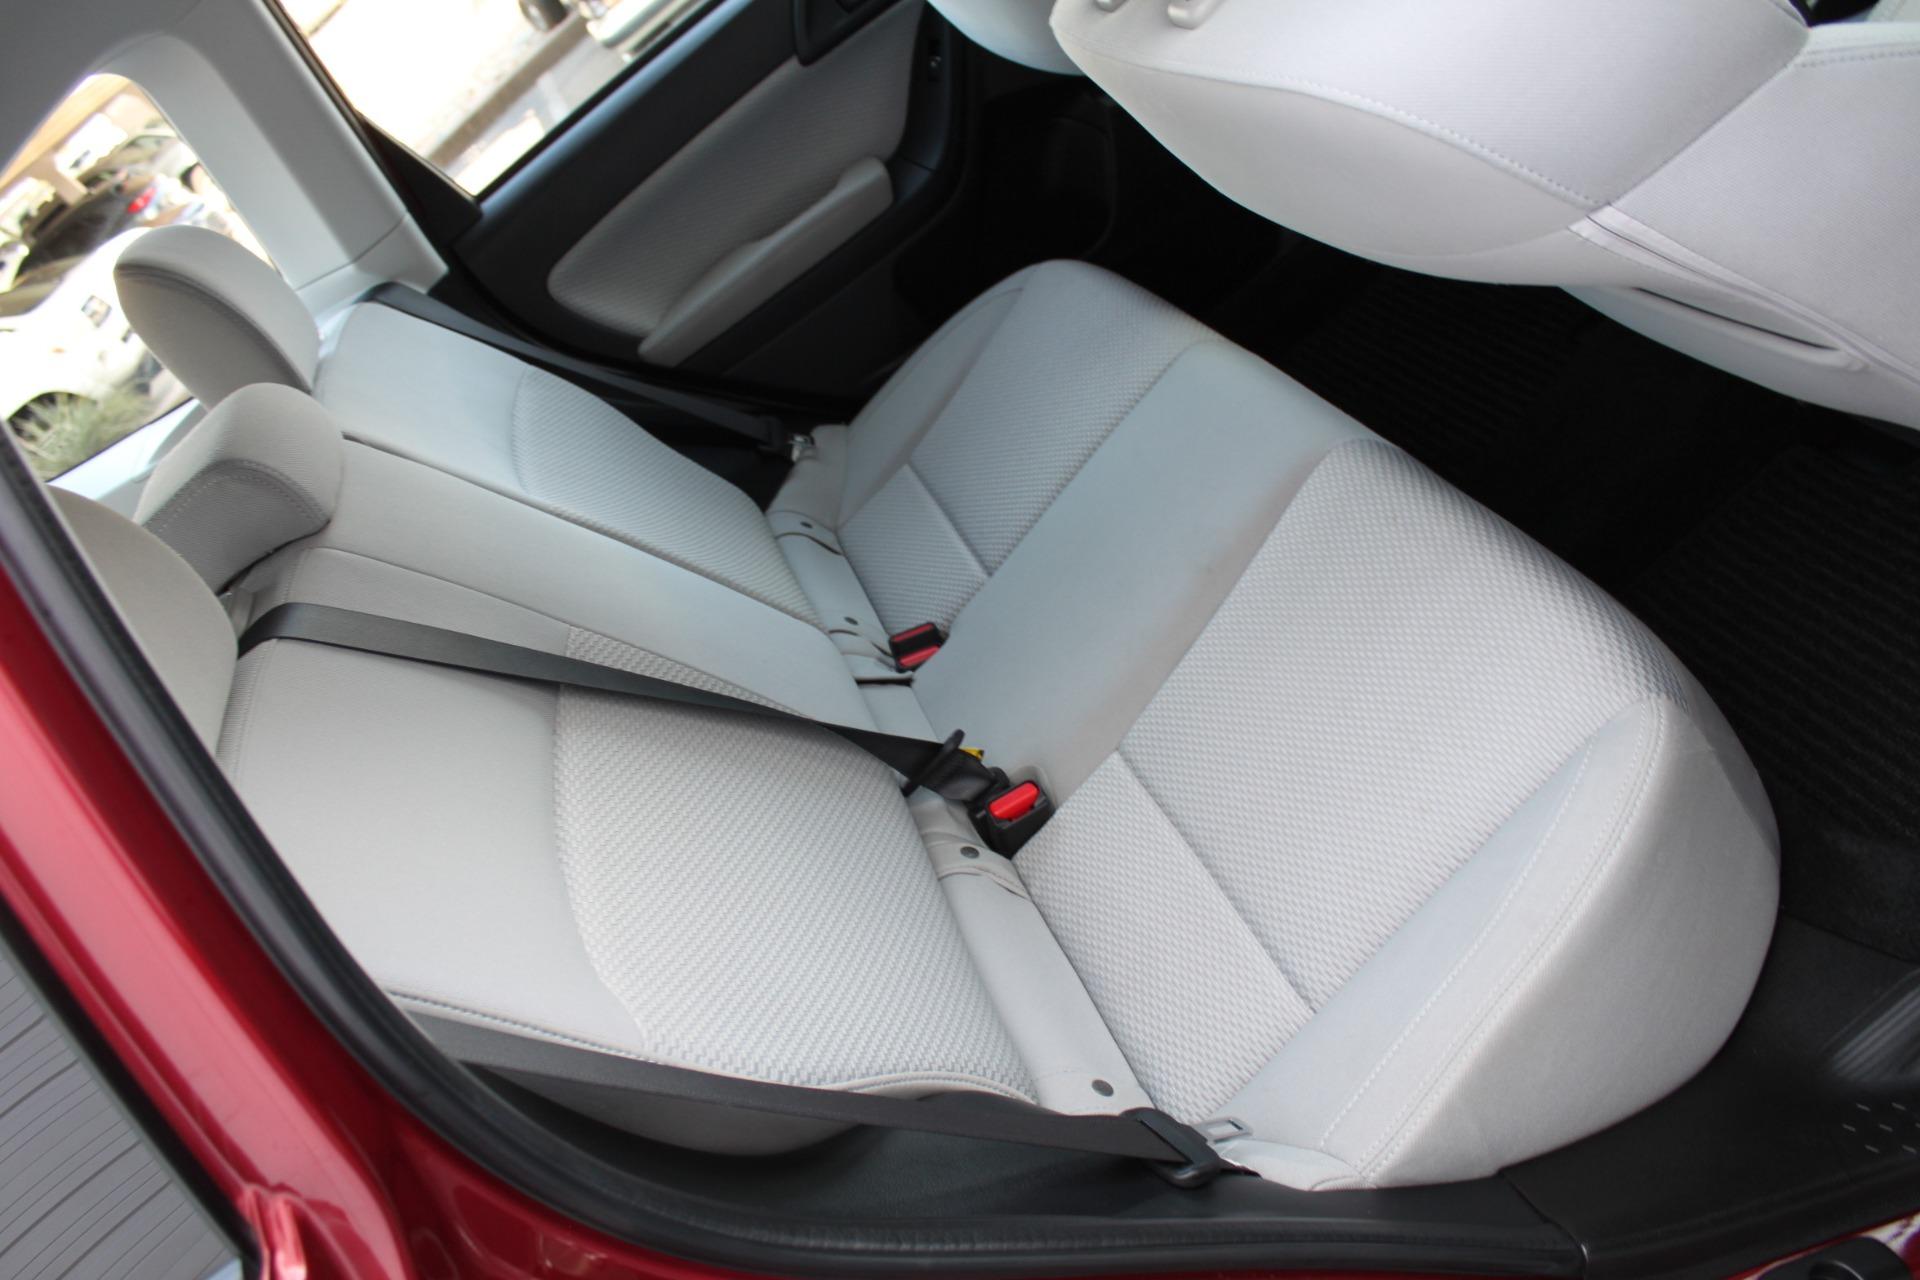 Used-2017-Subaru-Forester-25i-All-Wheel-Drive-25i-Camaro